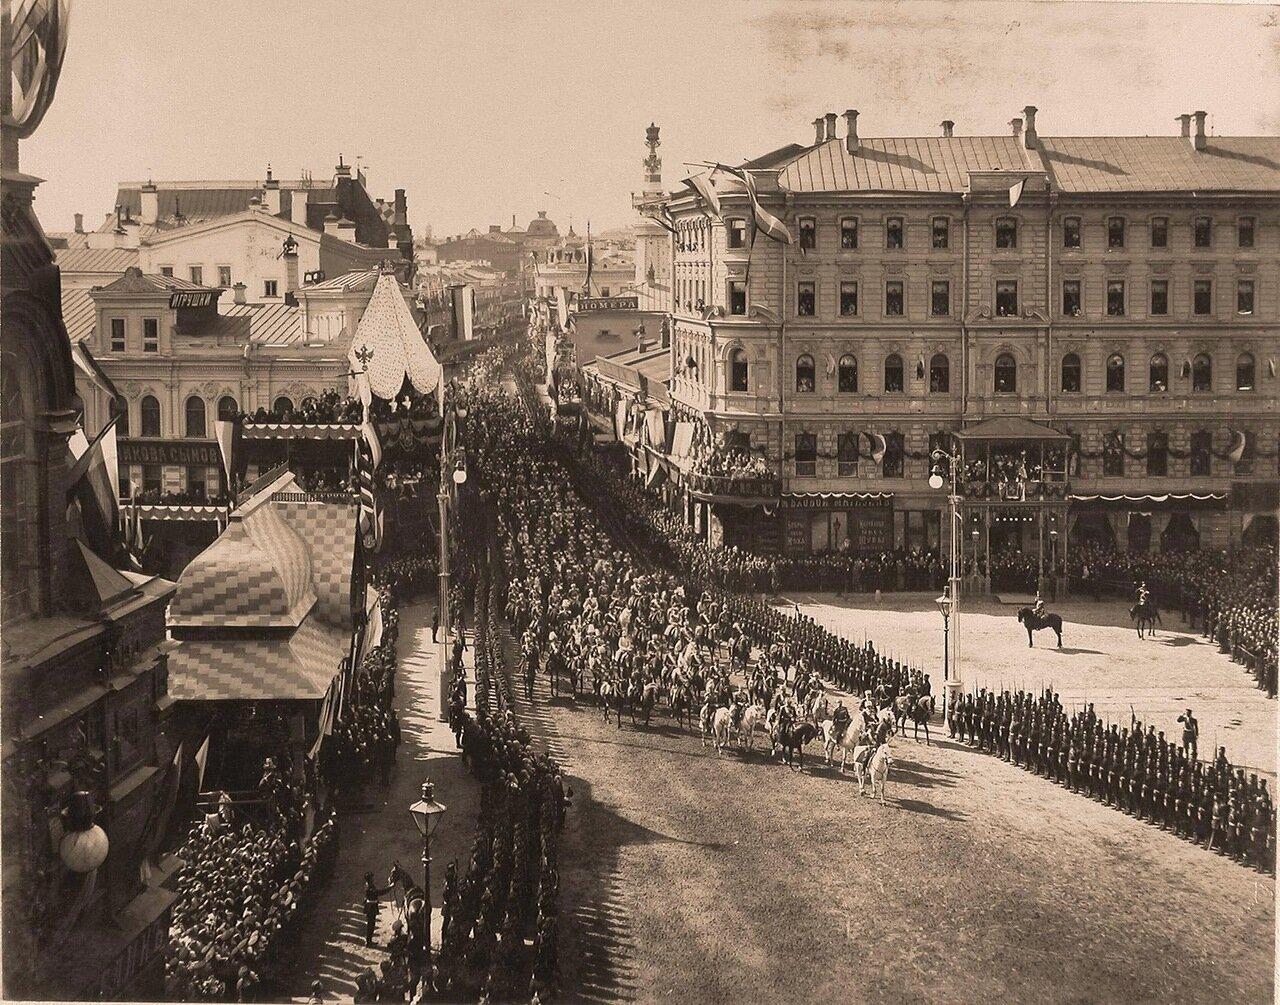 Император Николай II шествует по Воскресенской площади; слева - павильон для встречи их императорских величеств представителями губернских административных и судебных учреждений